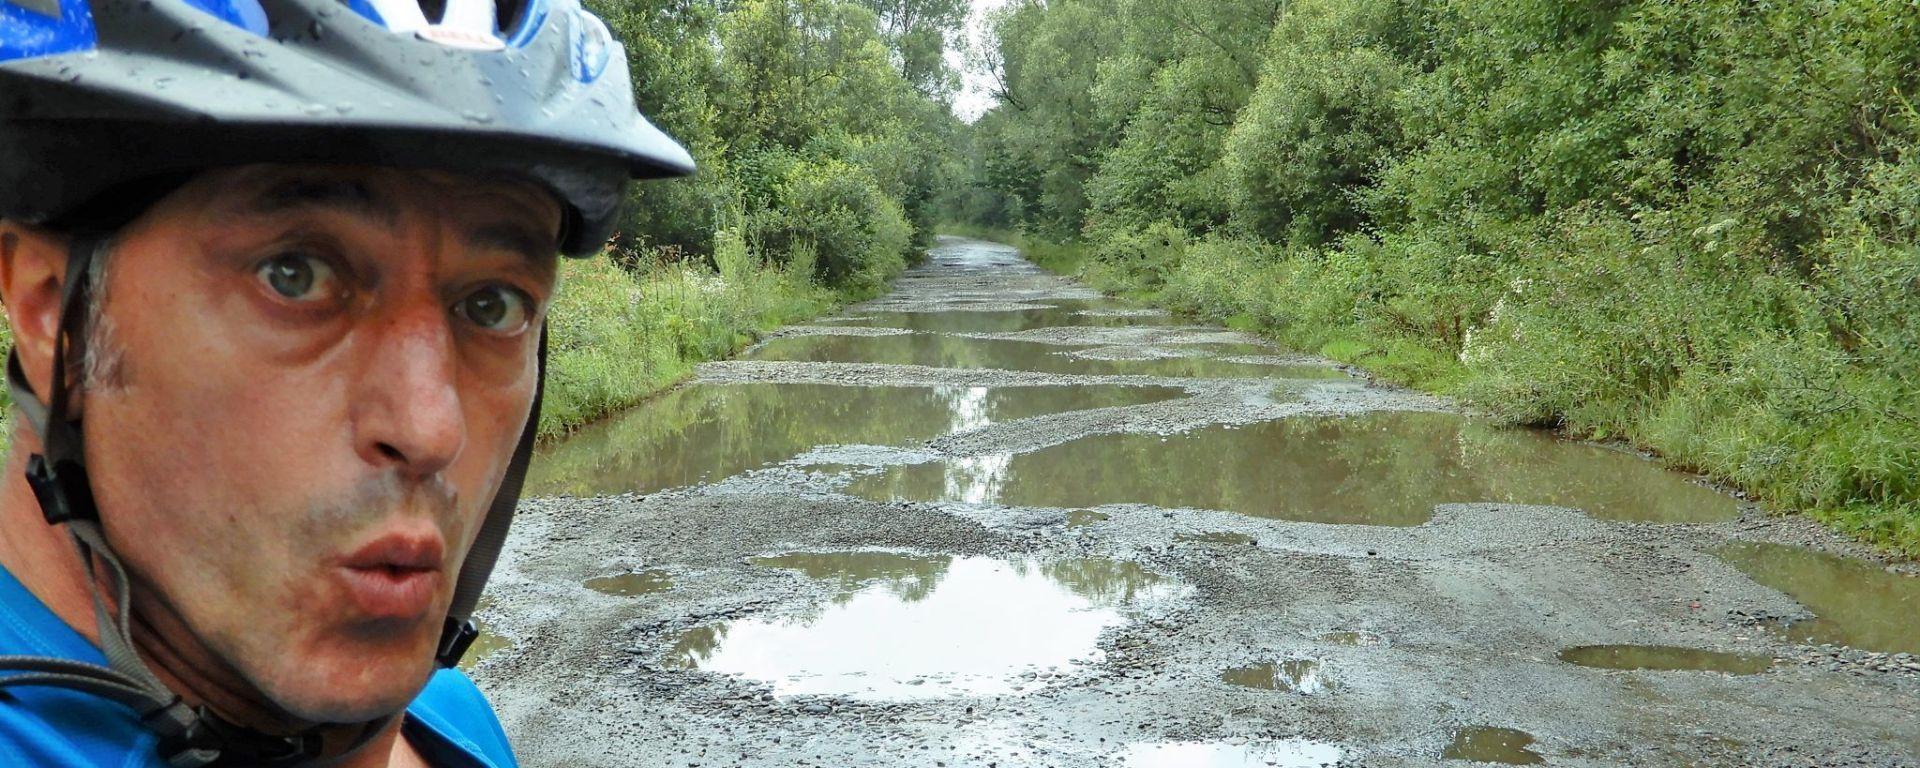 Carretera en malas condiciones, Ucrania